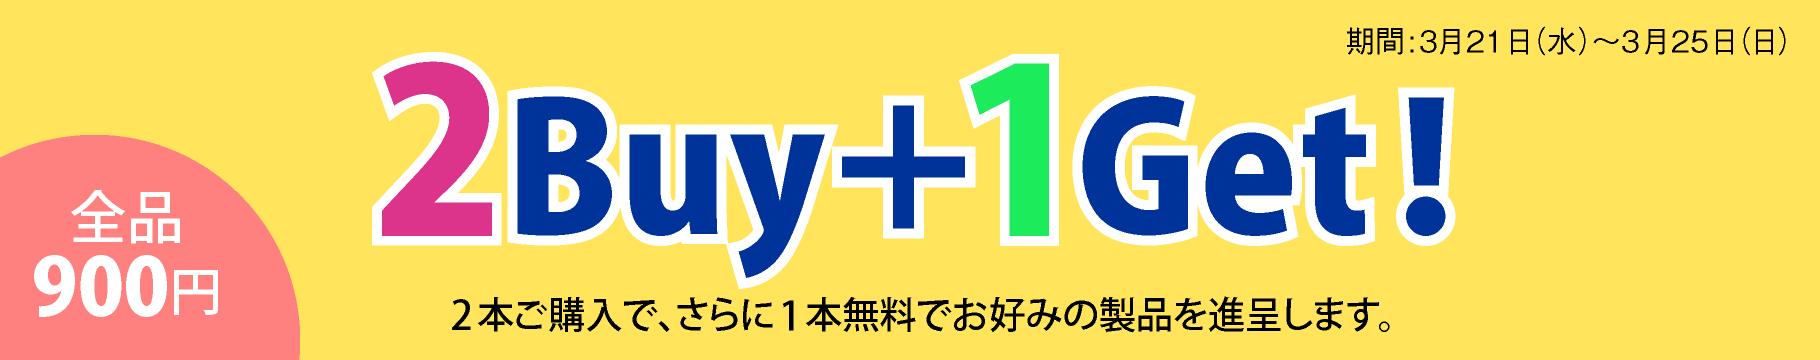 ソースネクストで900円のソフト2本買うと1本無料。六角大王や本格翻訳、いきなりPDFなど。~3/25。